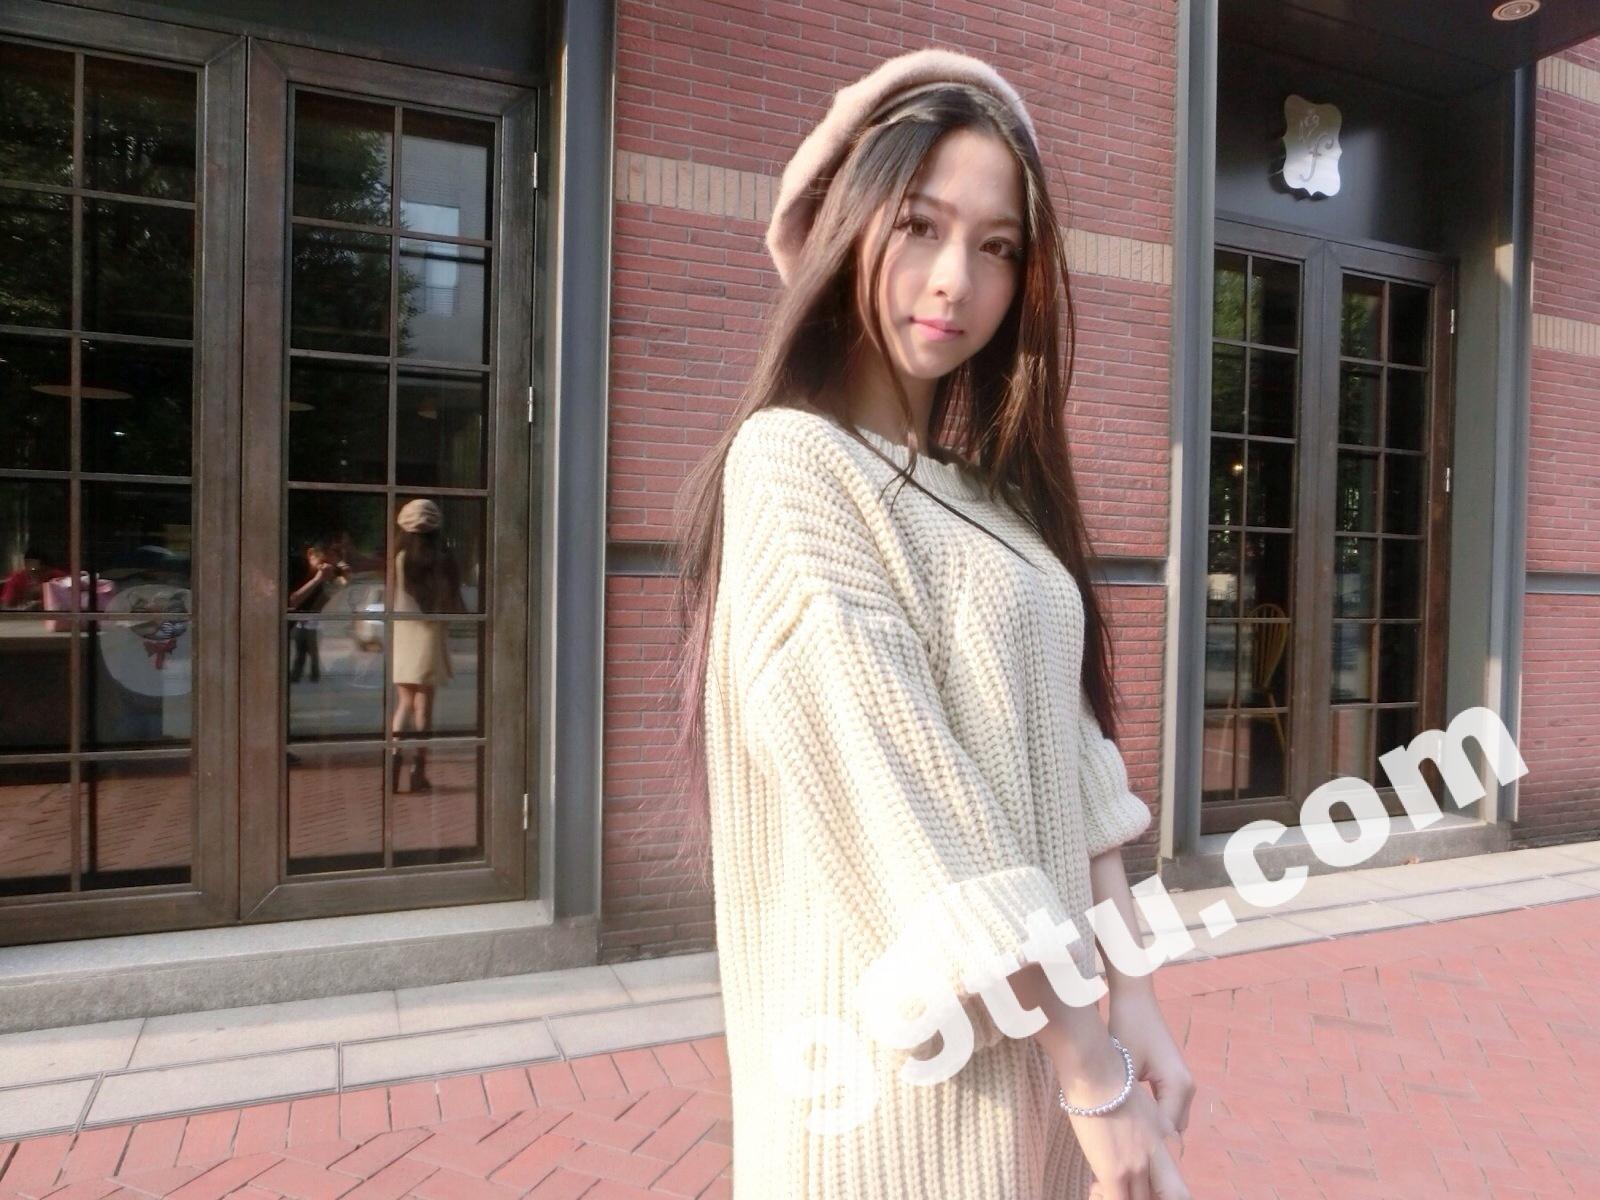 KK62_304张图+21视频 时尚美女网恋真实生活照-10